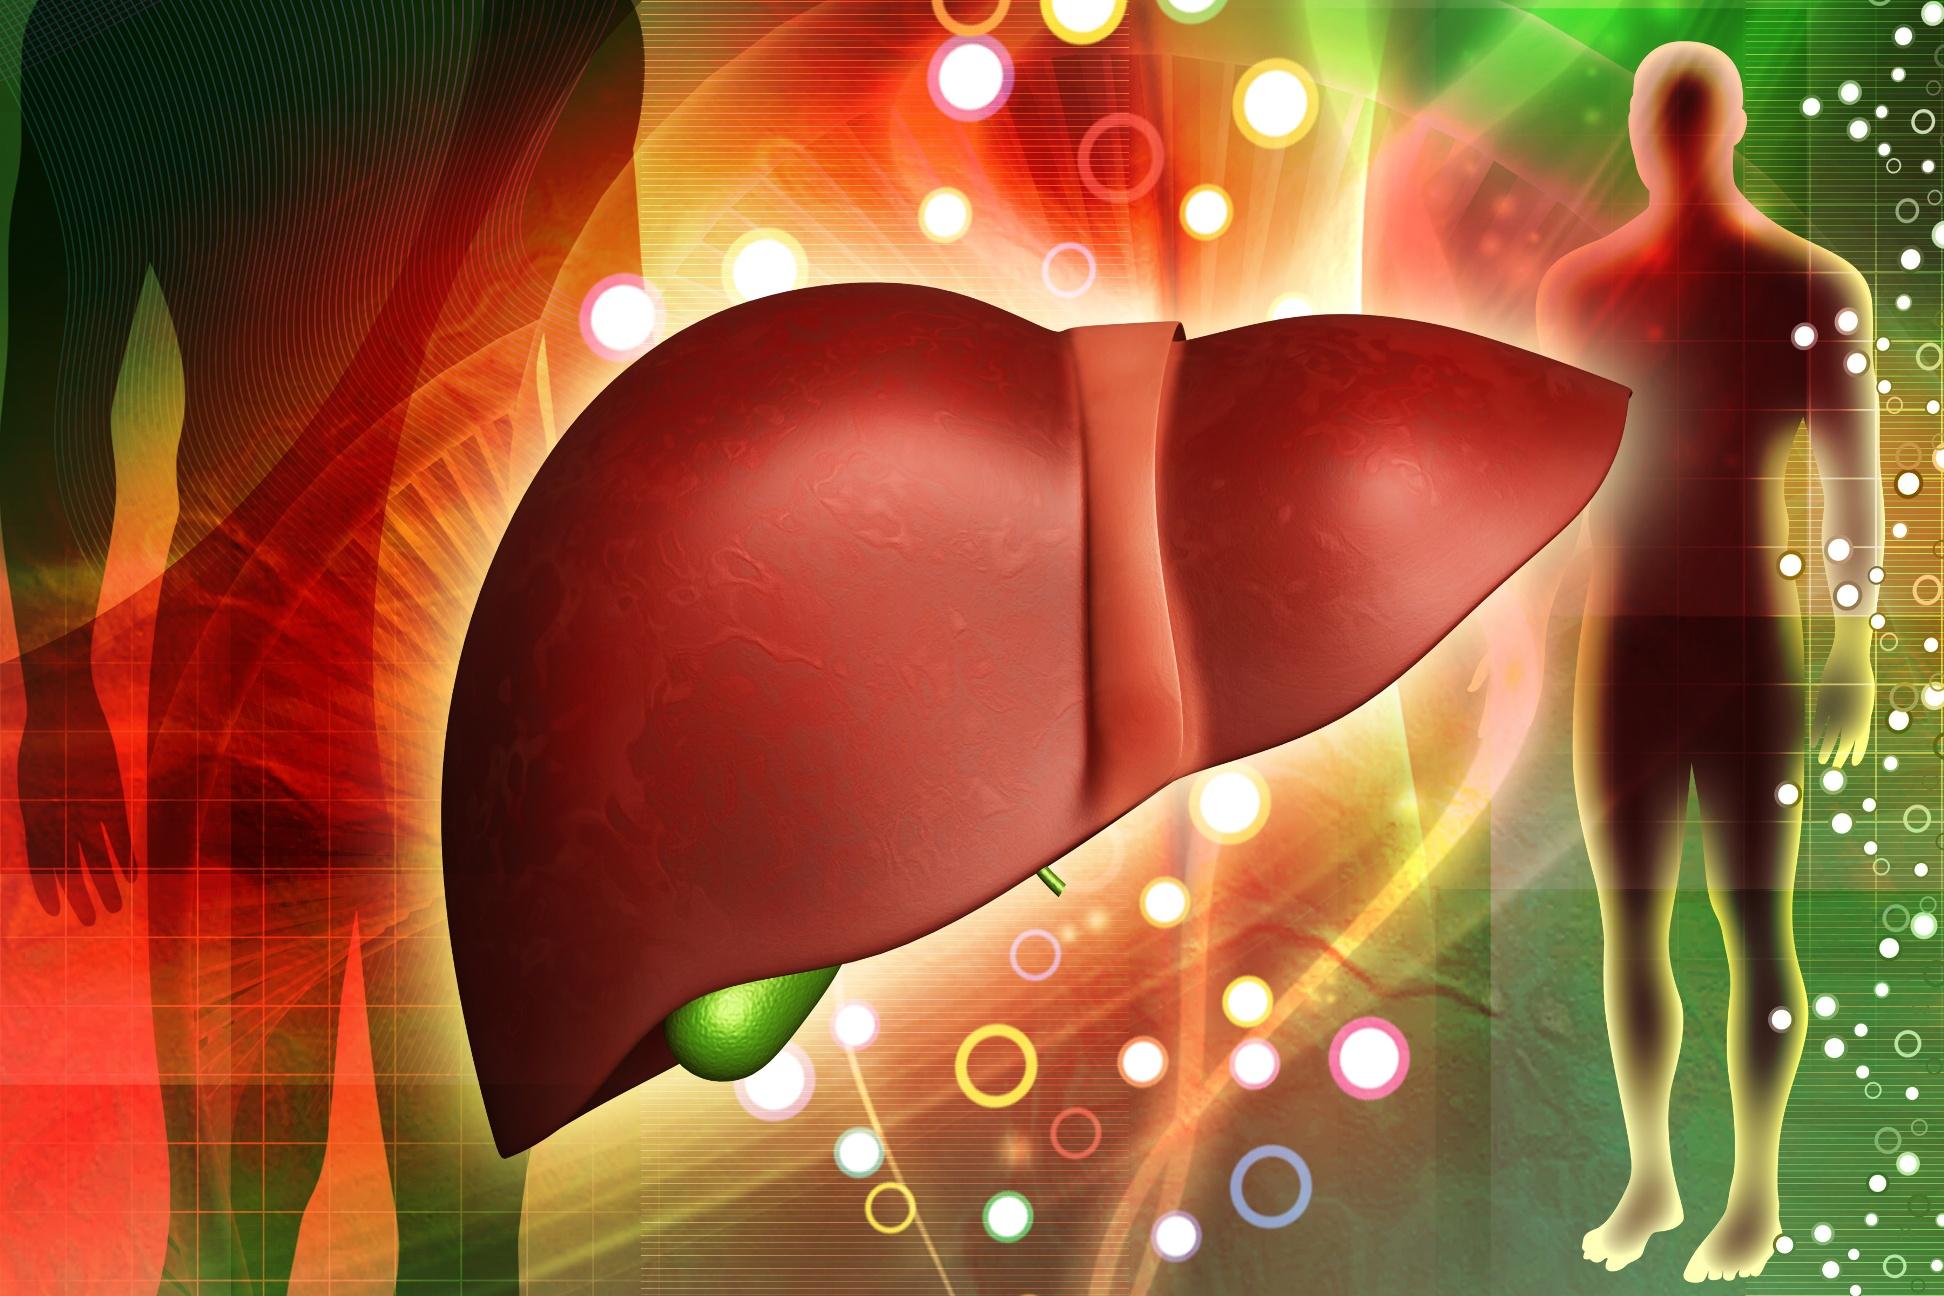 El Hospital Candelaria realiza 20 trasplantes hepáticos en el primer semestre